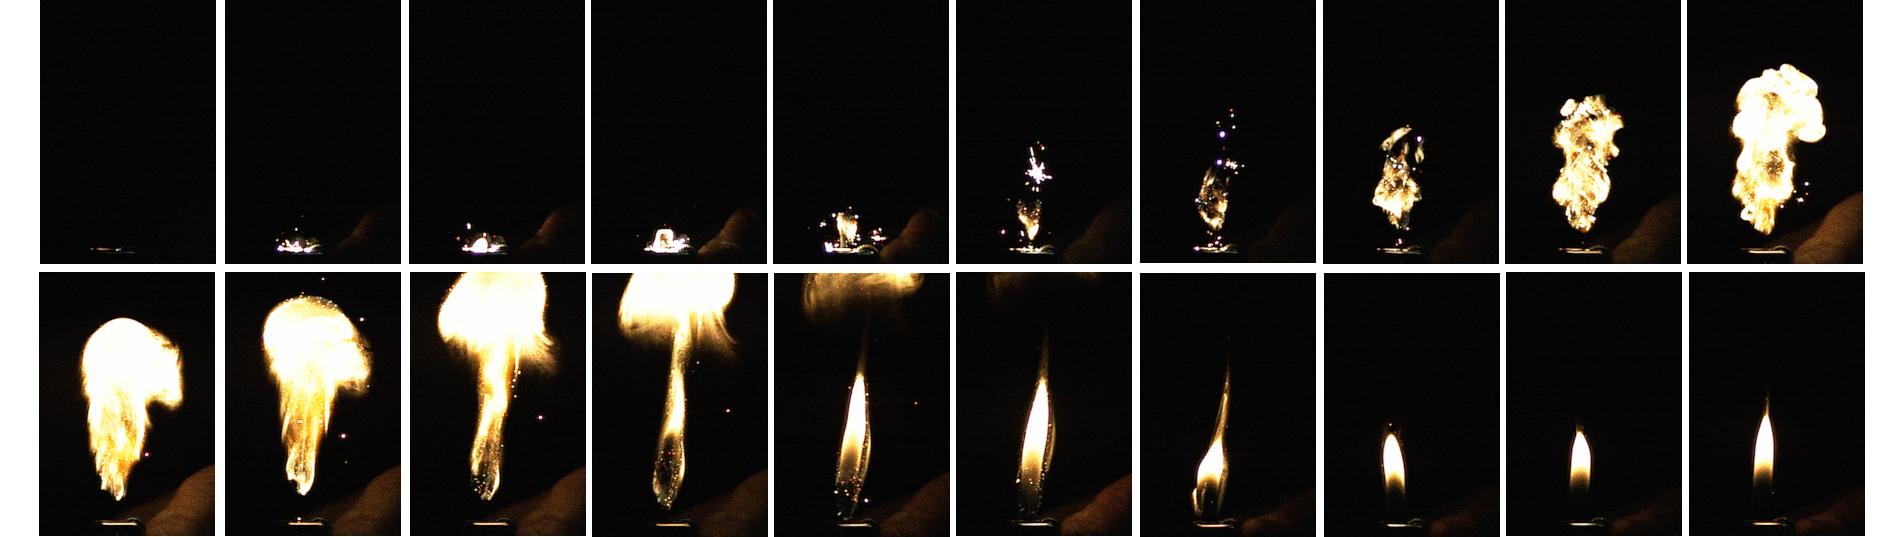 高速度撮影による現象の可視化例 ライターの着火